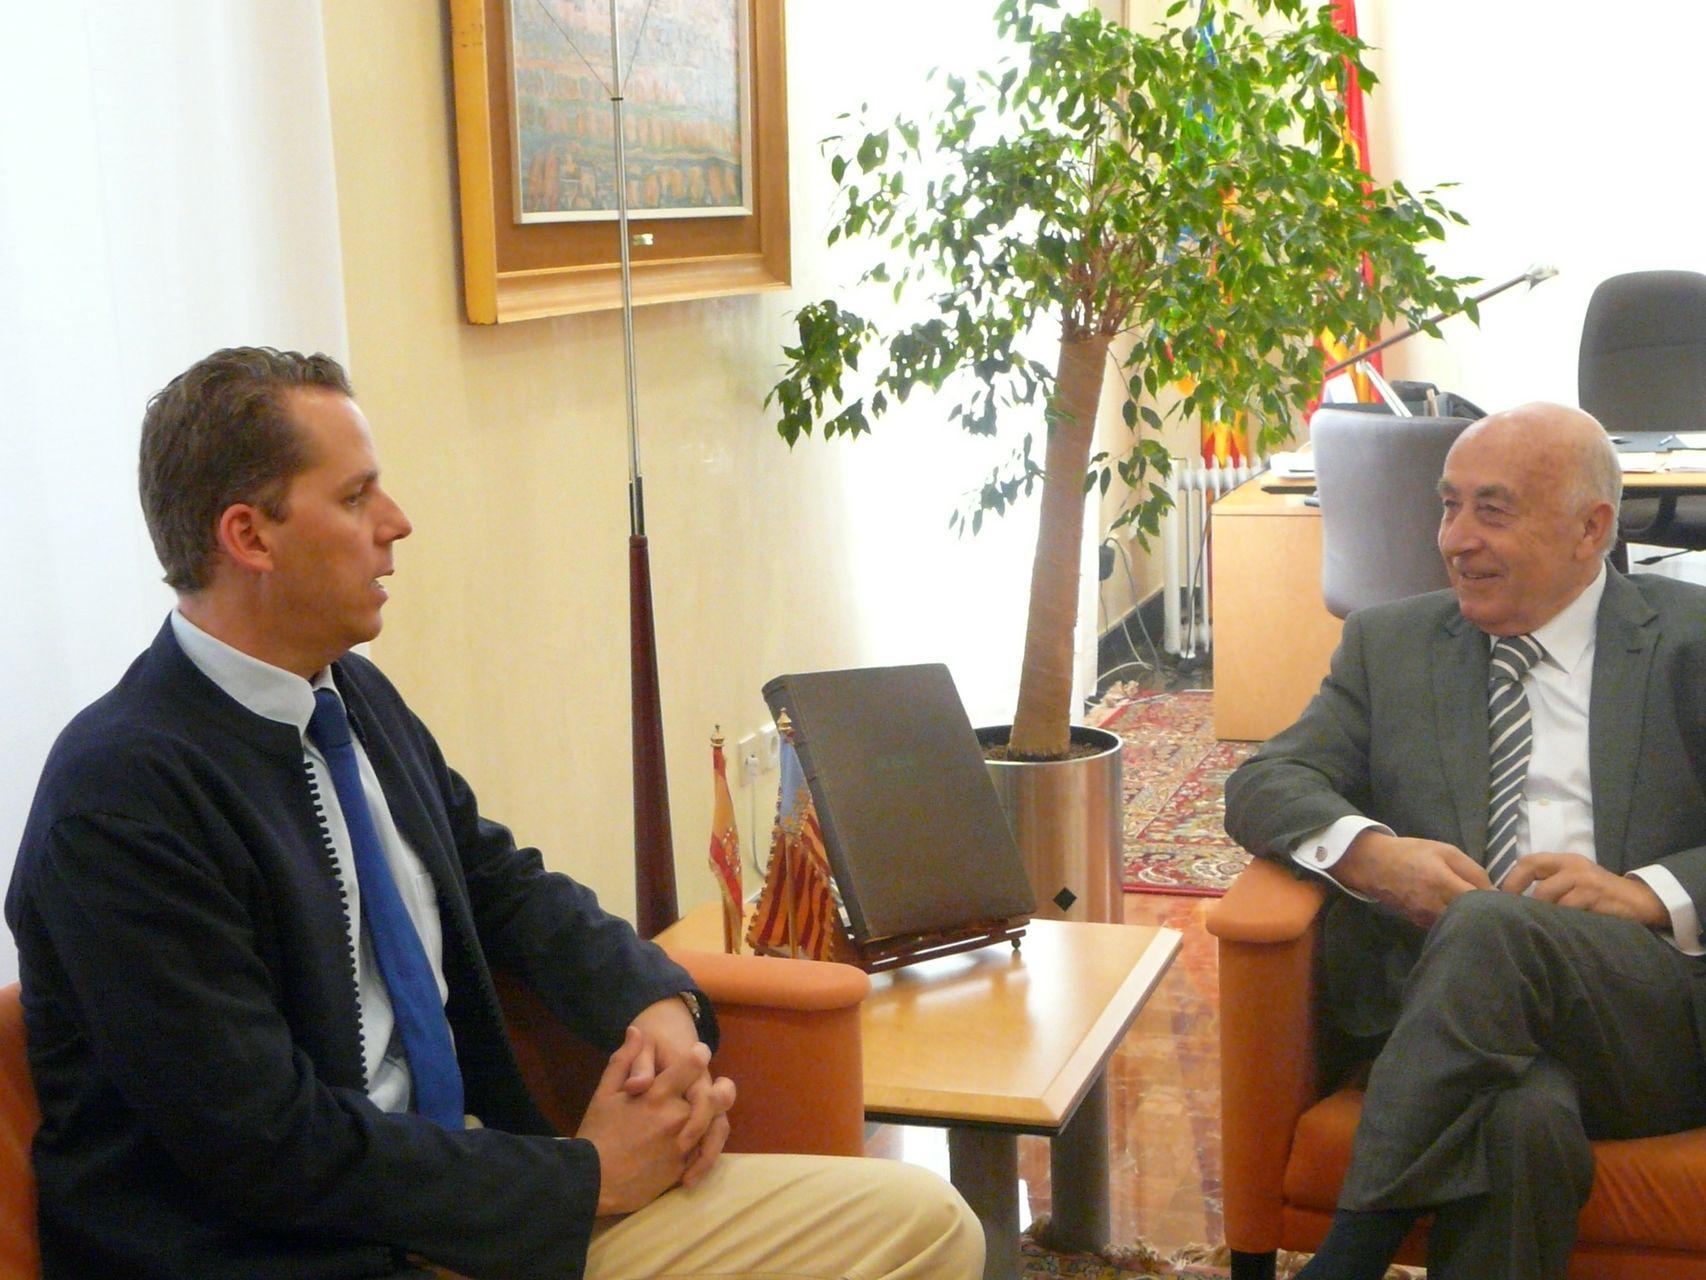 El Síndic de Greuges y el Consulado Británico en Alicante intensificarán sus contactos